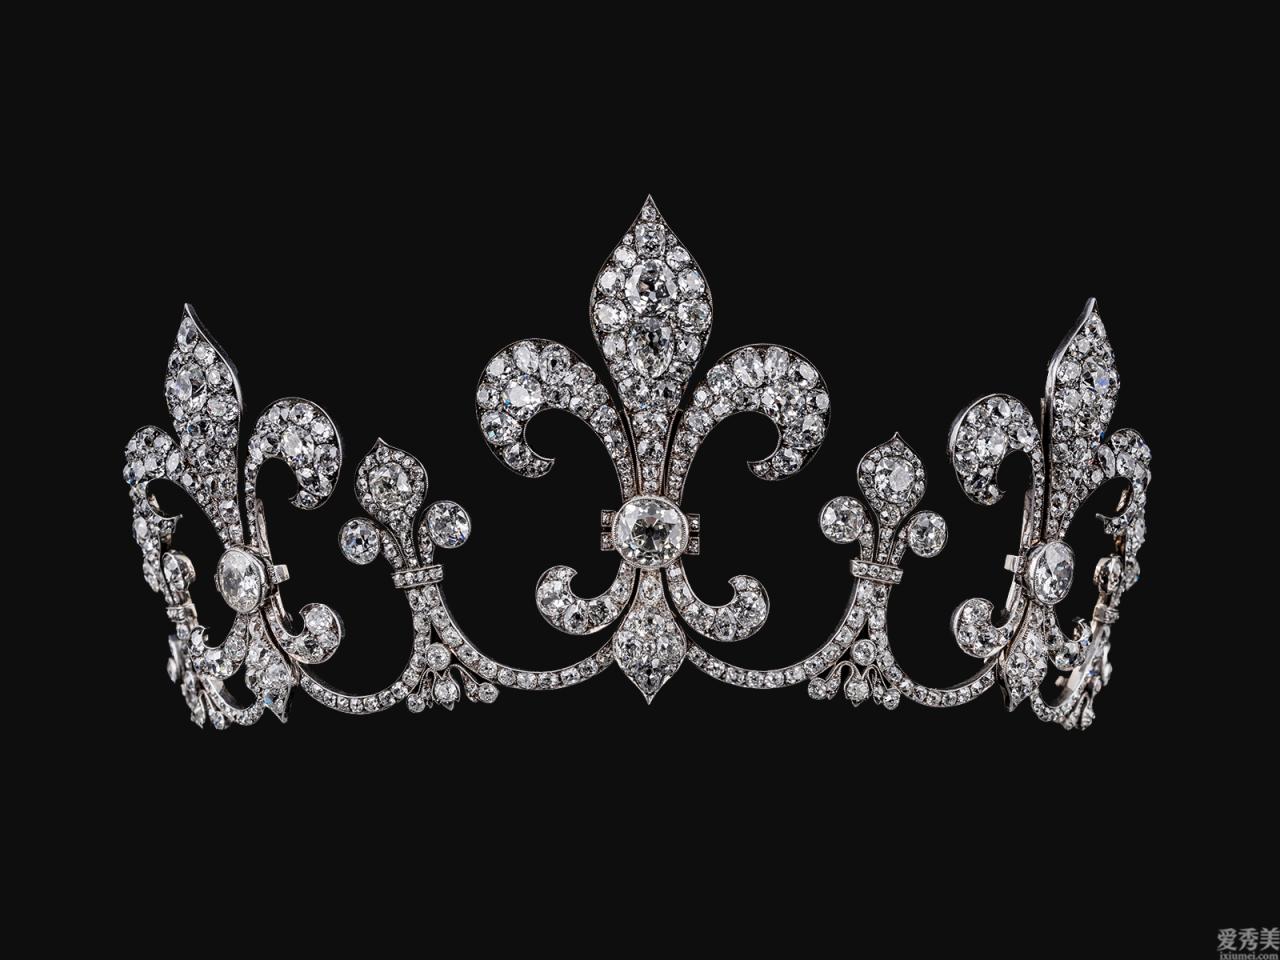 歐洲宮廷珠寶飾品產品系列之四:冠冕